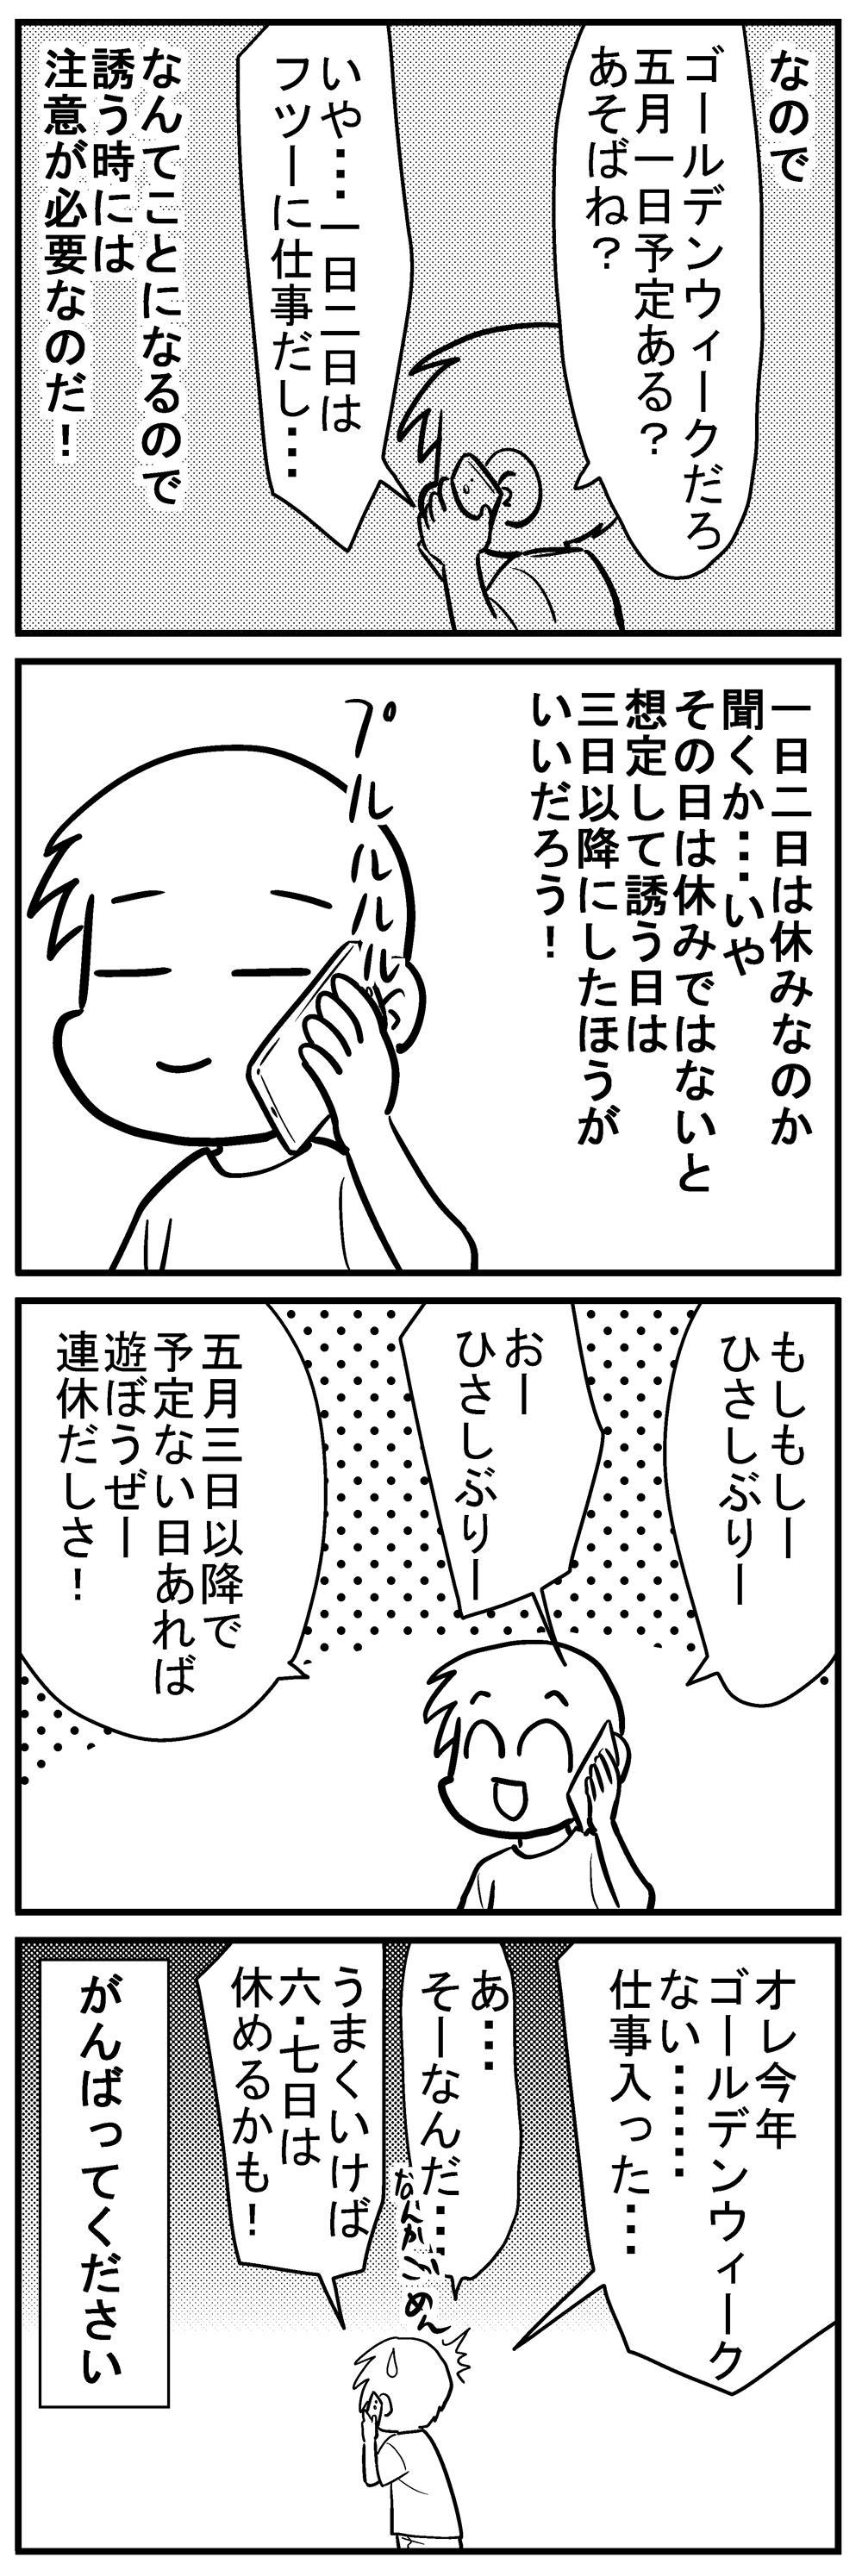 深読みくん138-2